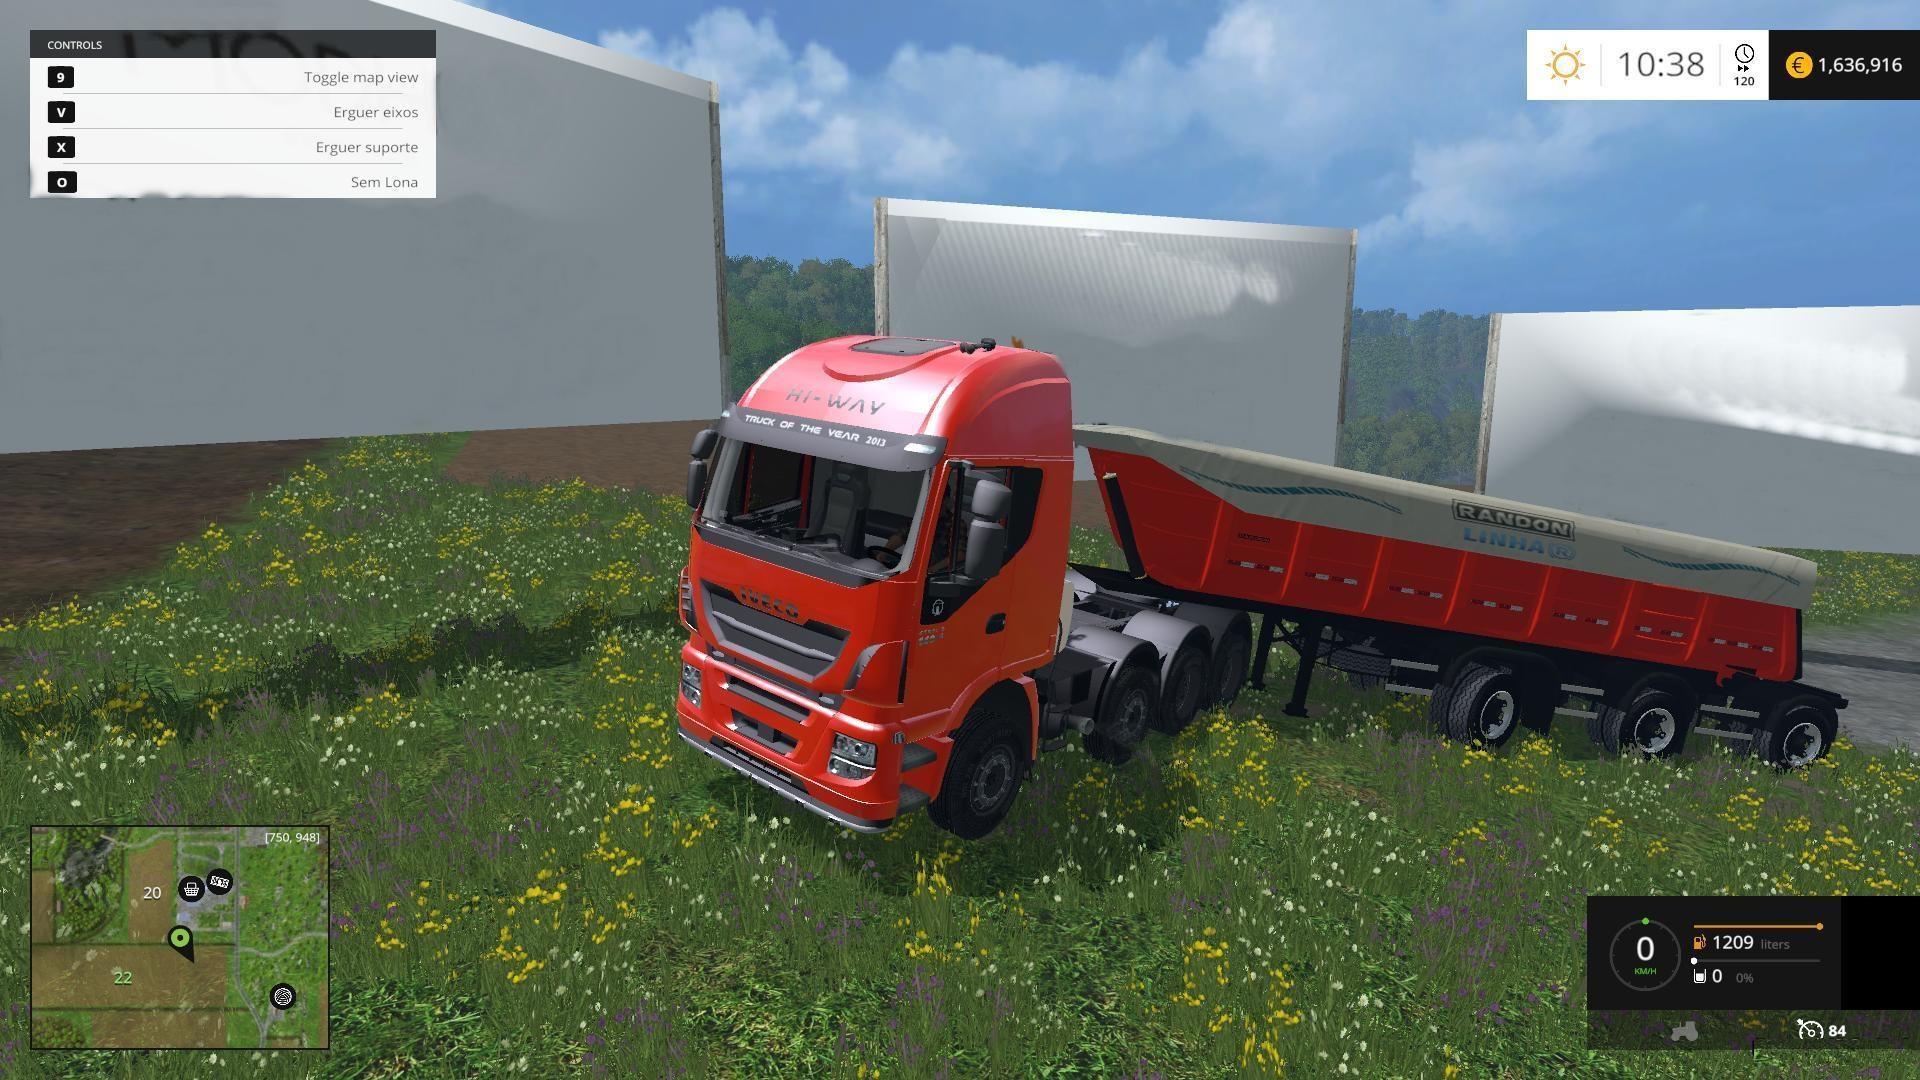 1424170565_iveco-stralis-560-8x4-trailer-v1_1-31